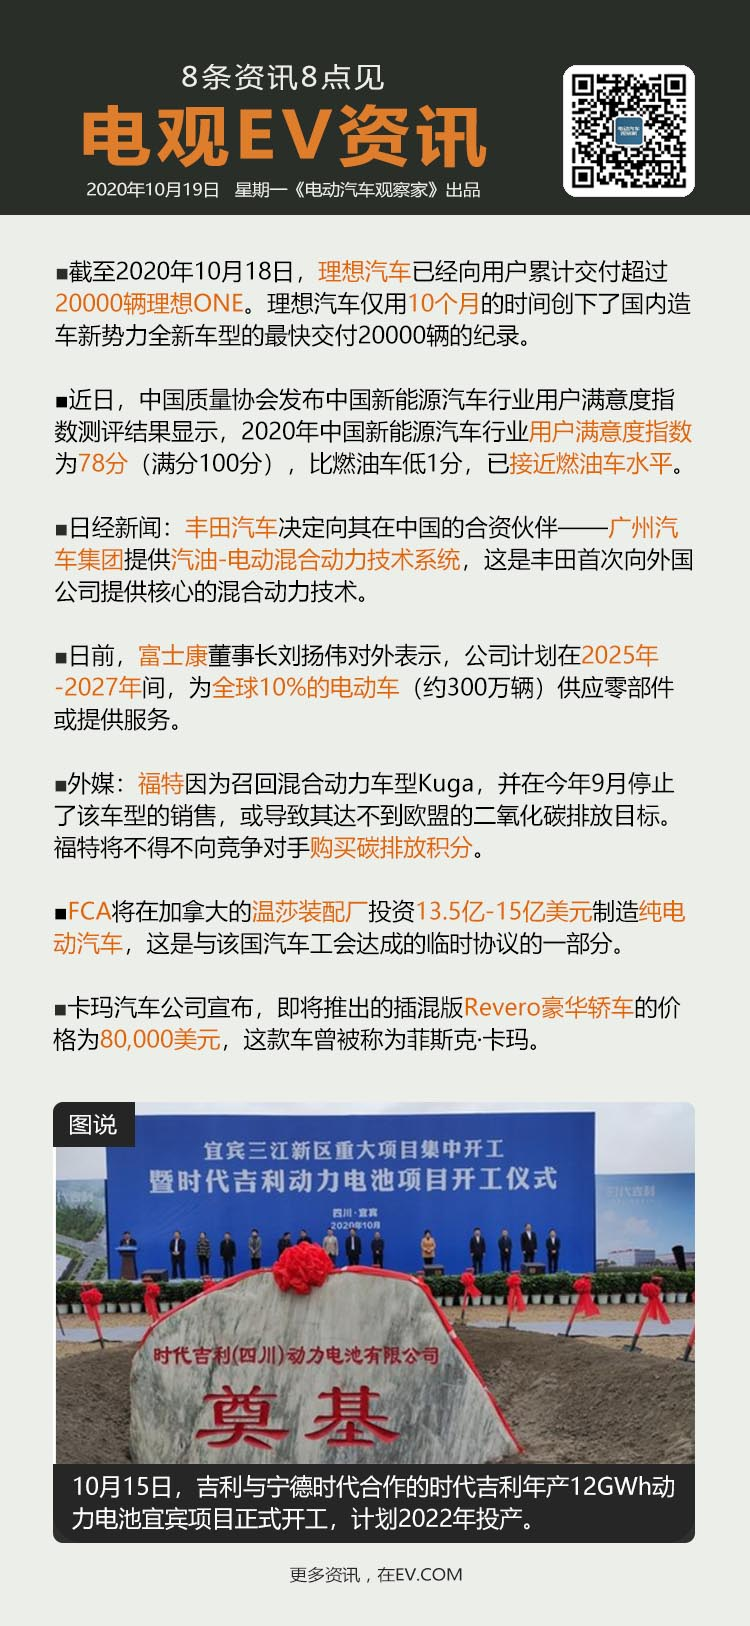 10月19日:理想汽车已交付20000辆、中国新能源汽车满意度指数接近燃油车水平...